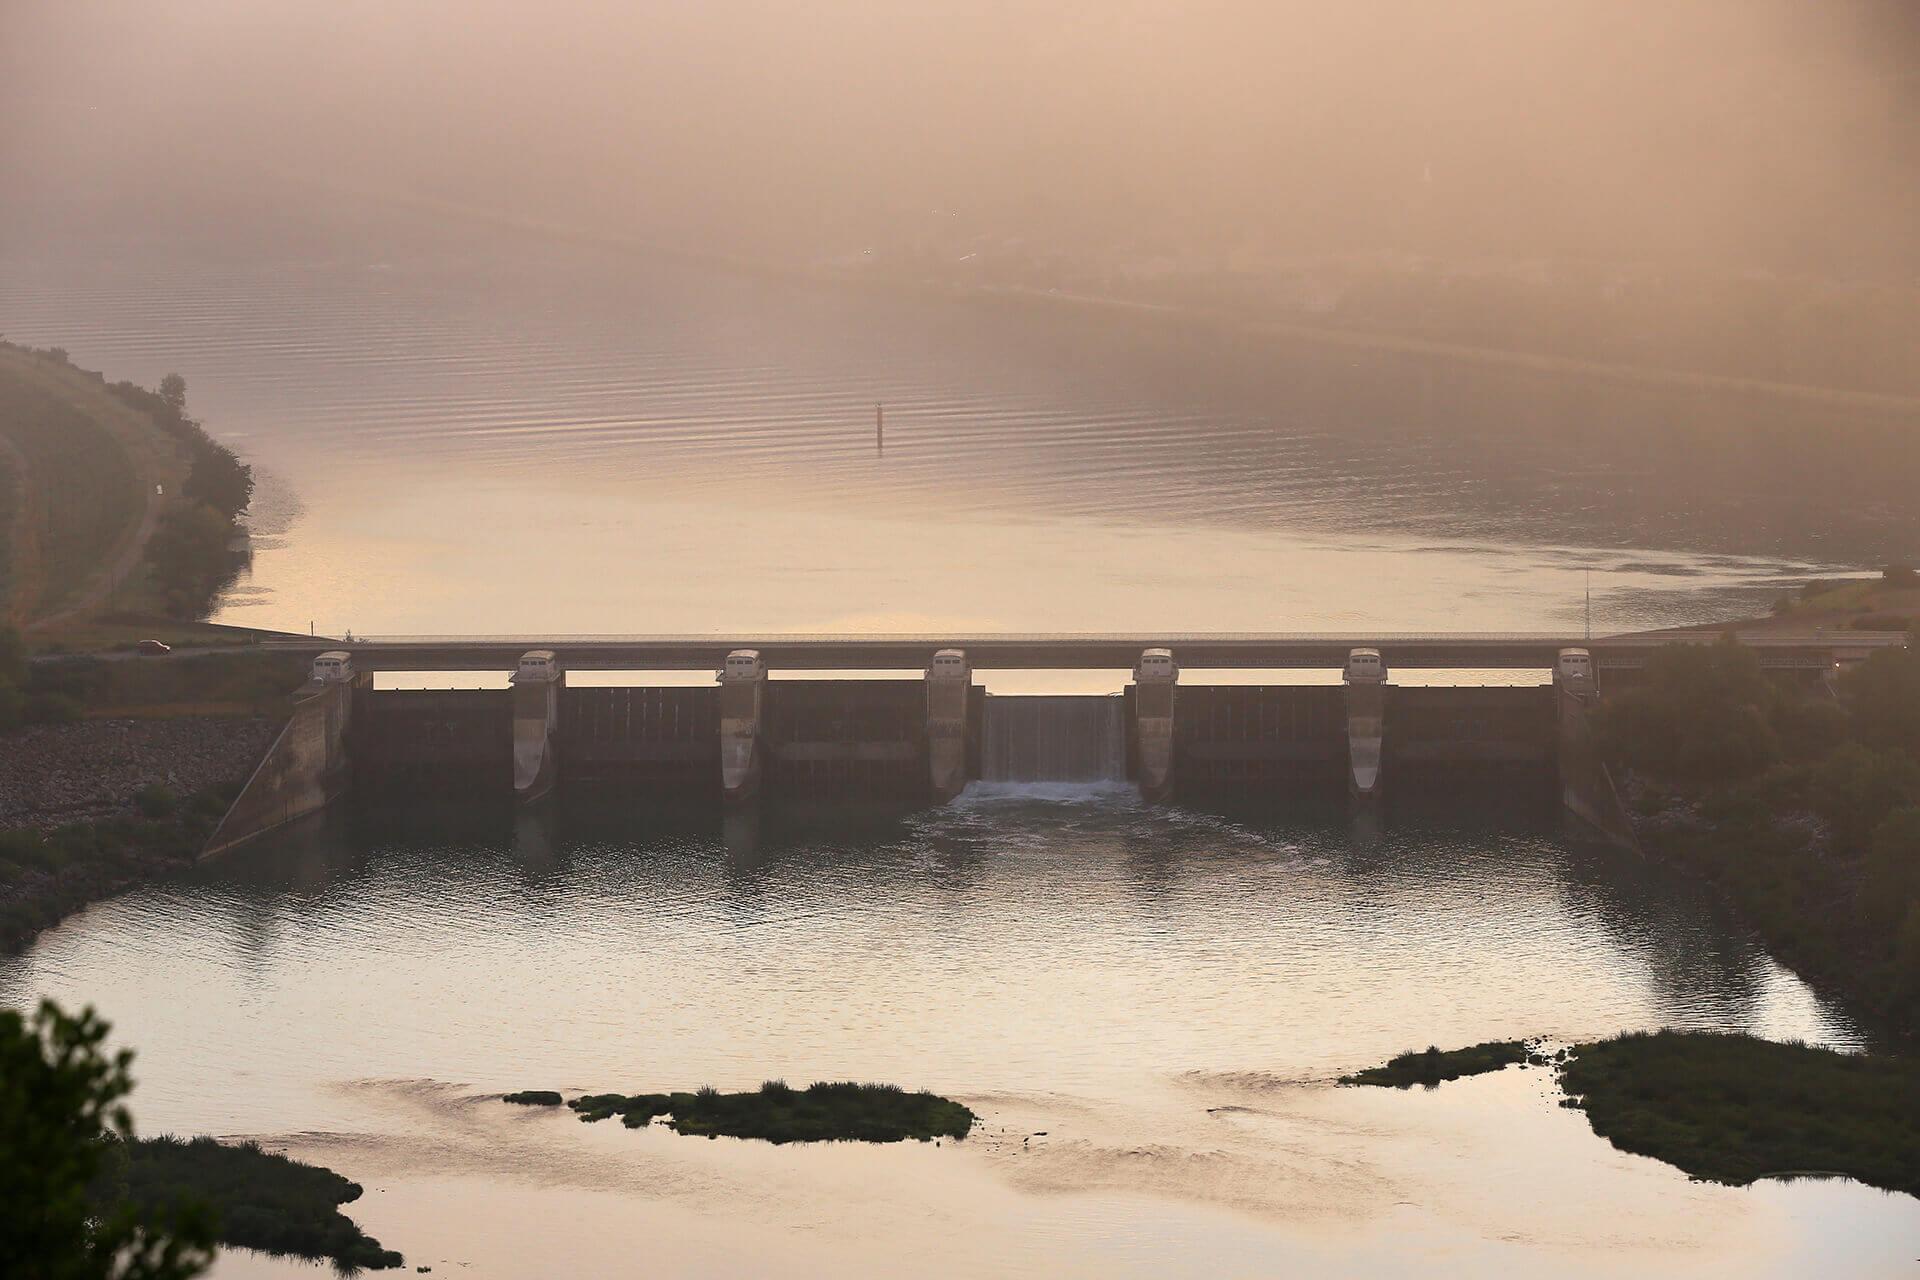 Le fleuve Rhône, Km 526 Ardèche, Arras-sur-Rhône, barrage de retenue